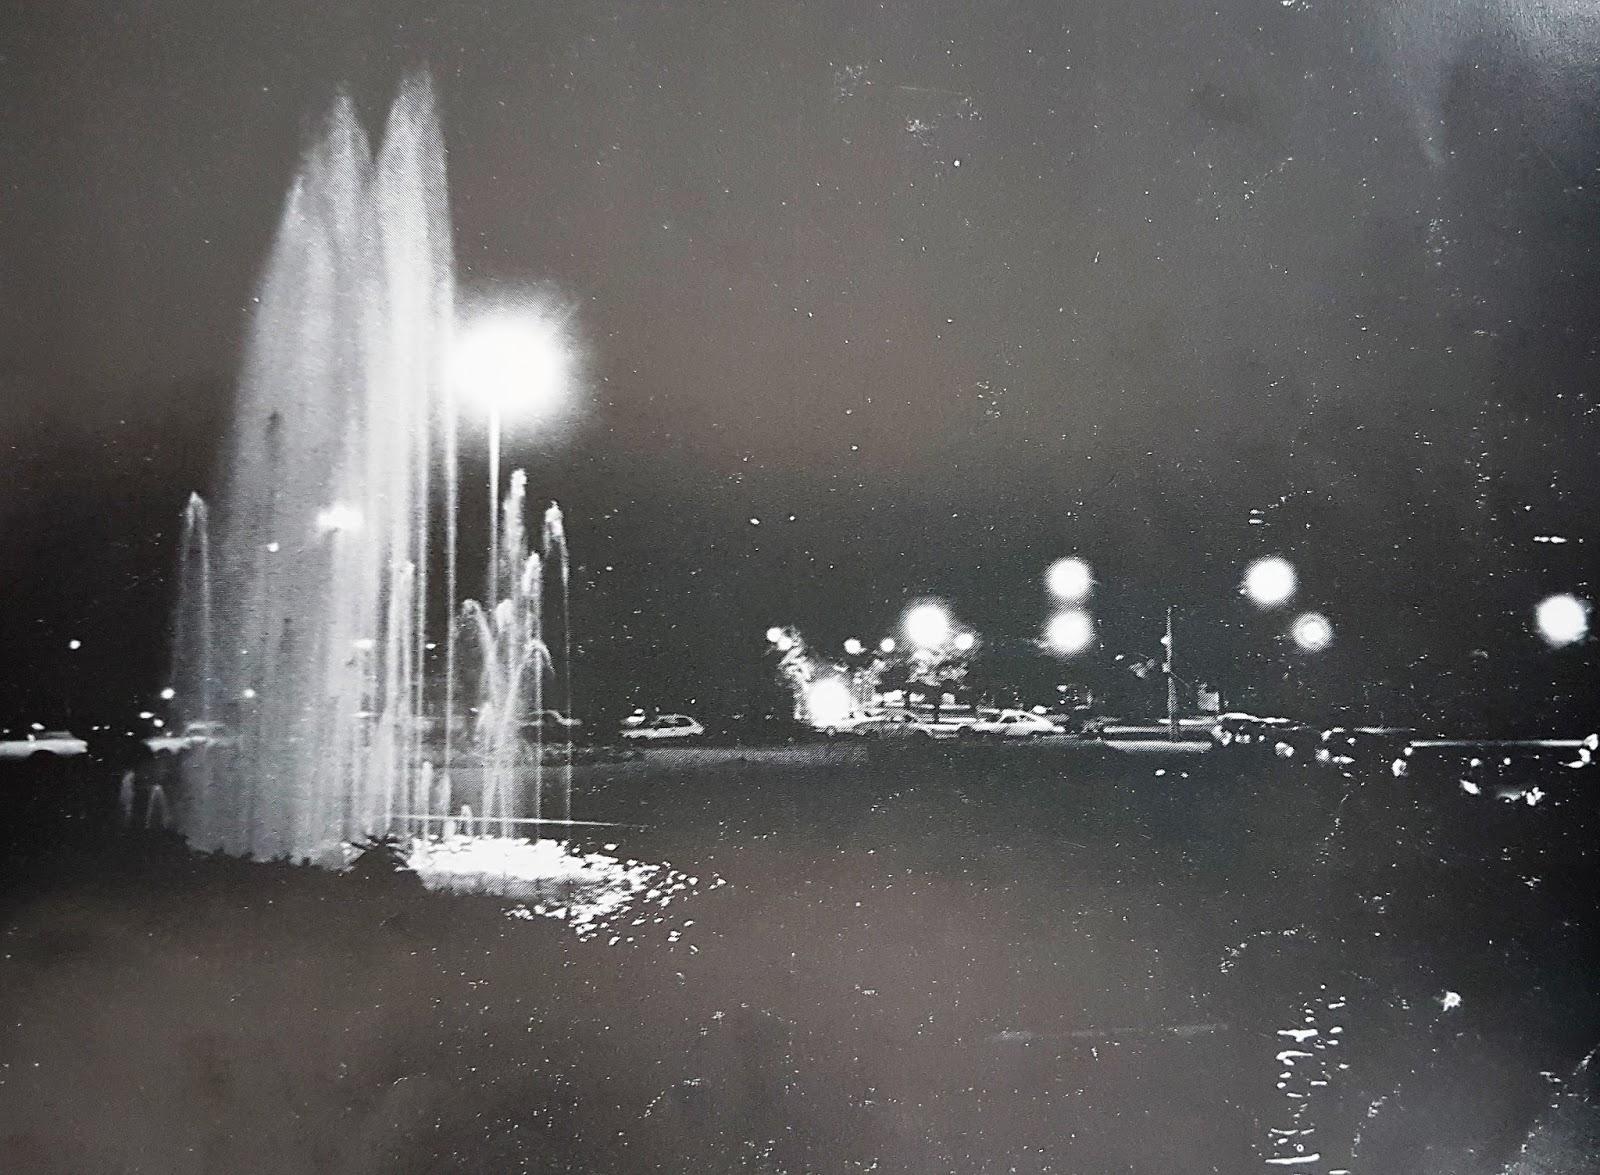 Chafariz iluminado da Catedral - Década de 1980